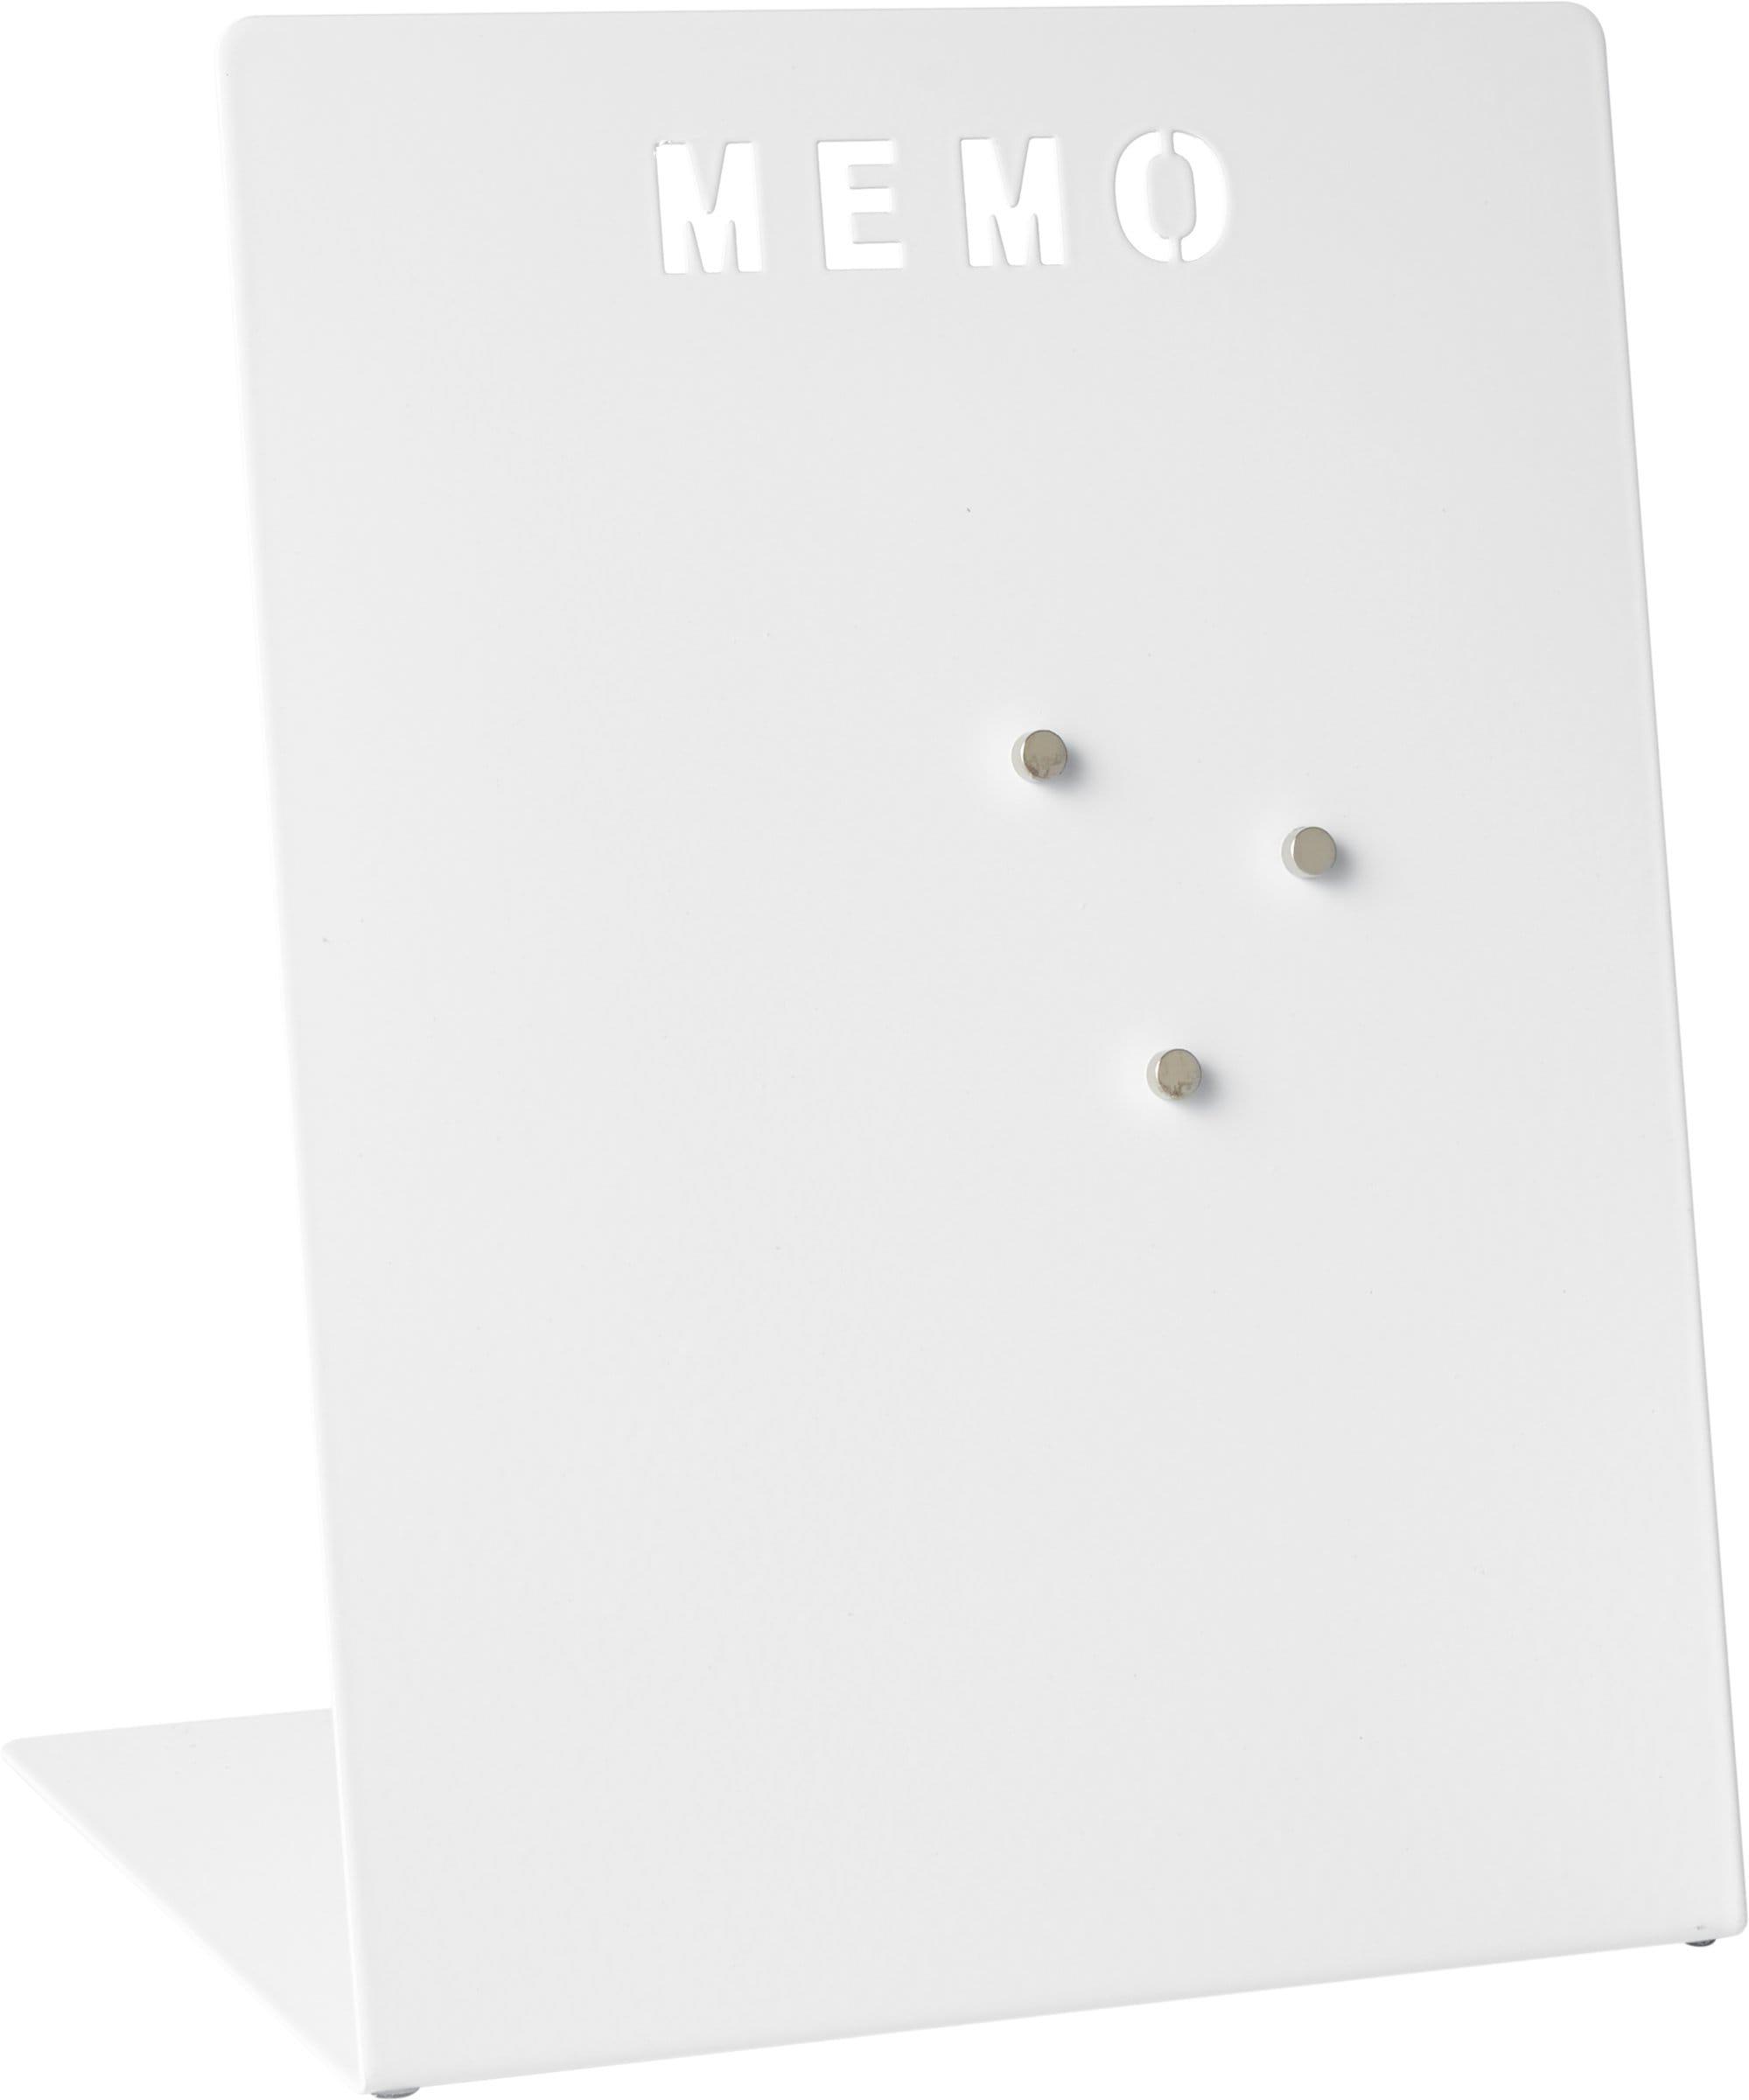 MEMO Memoboard